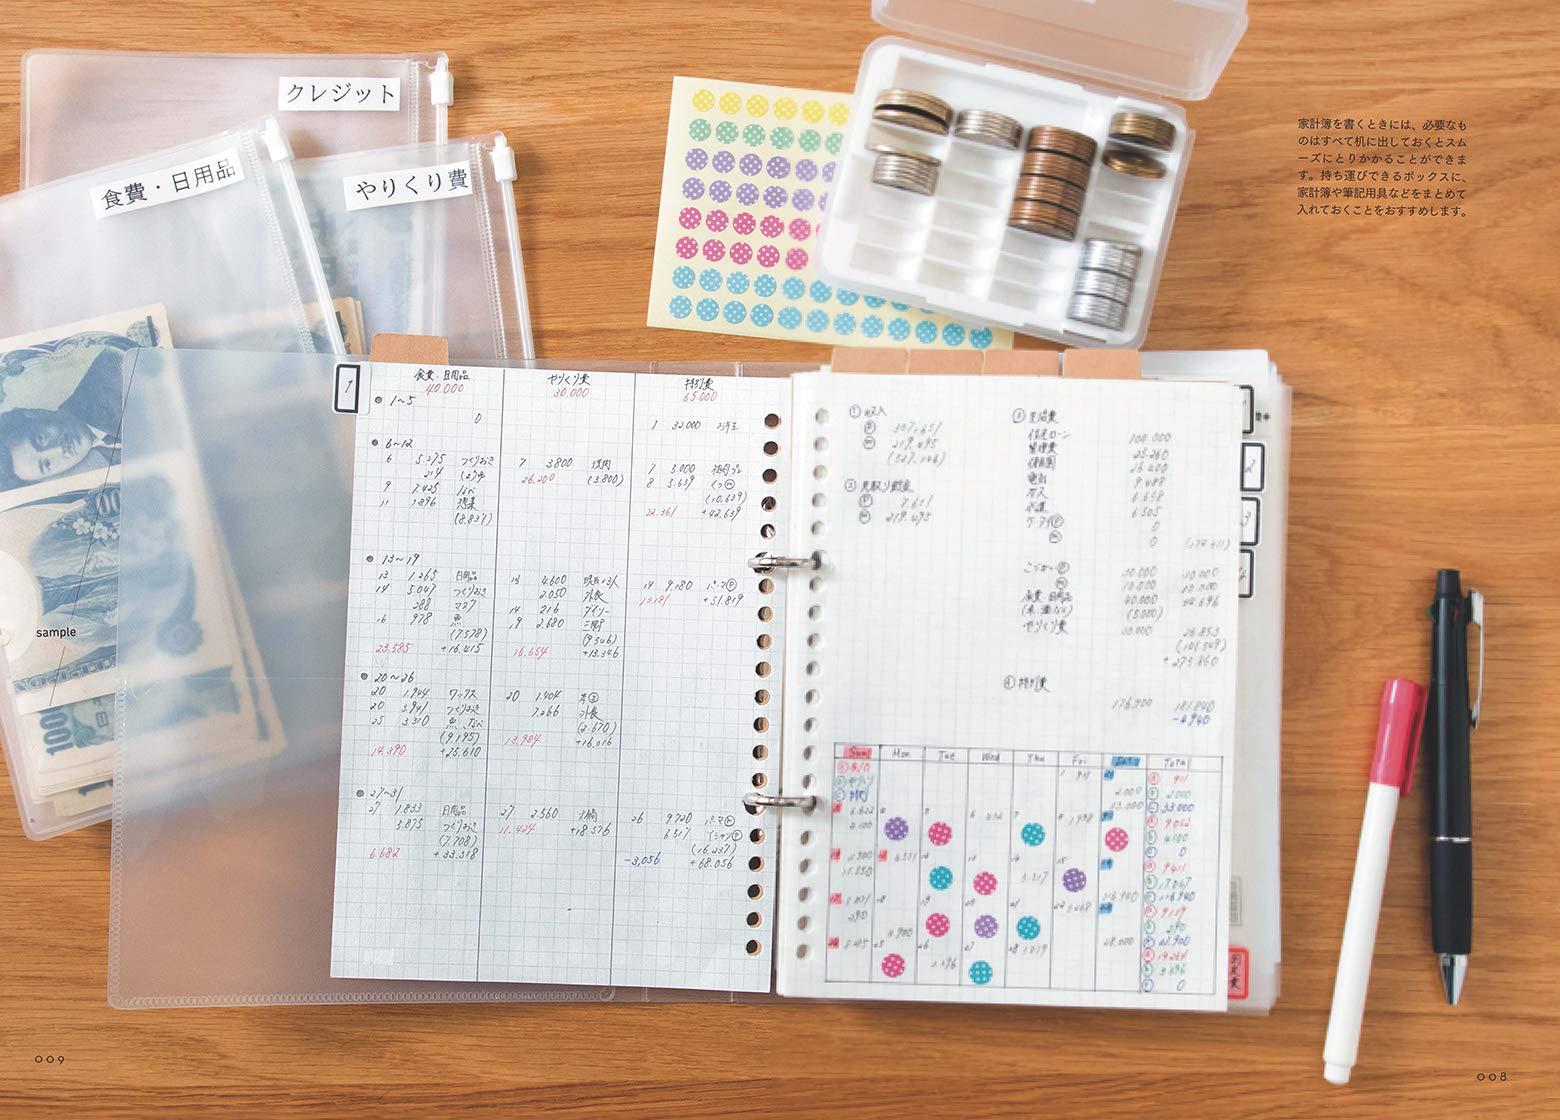 えま の 家計 簿 えまの家計簿|シンプルに貯まる貯金術と家計簿